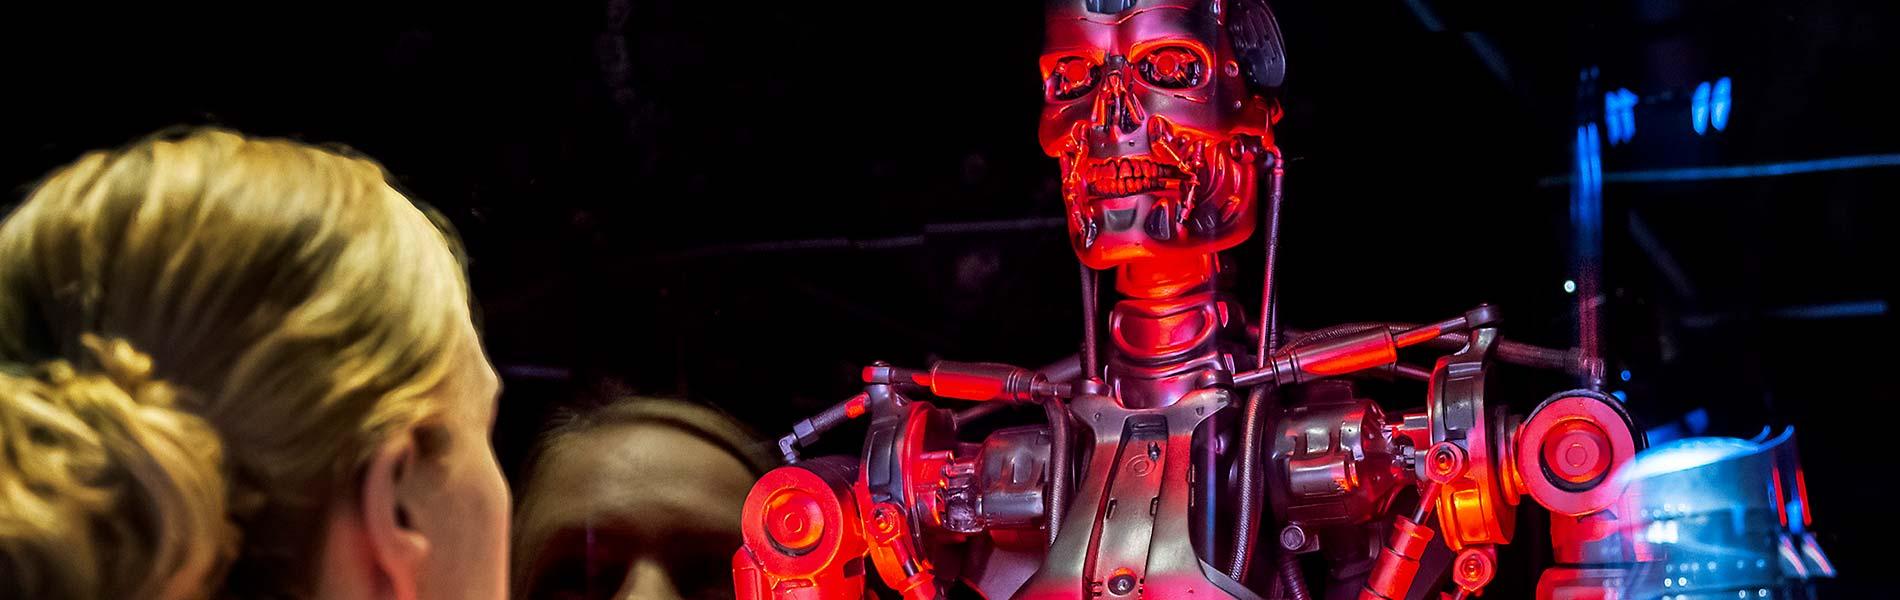 T800 från filmen Terminator